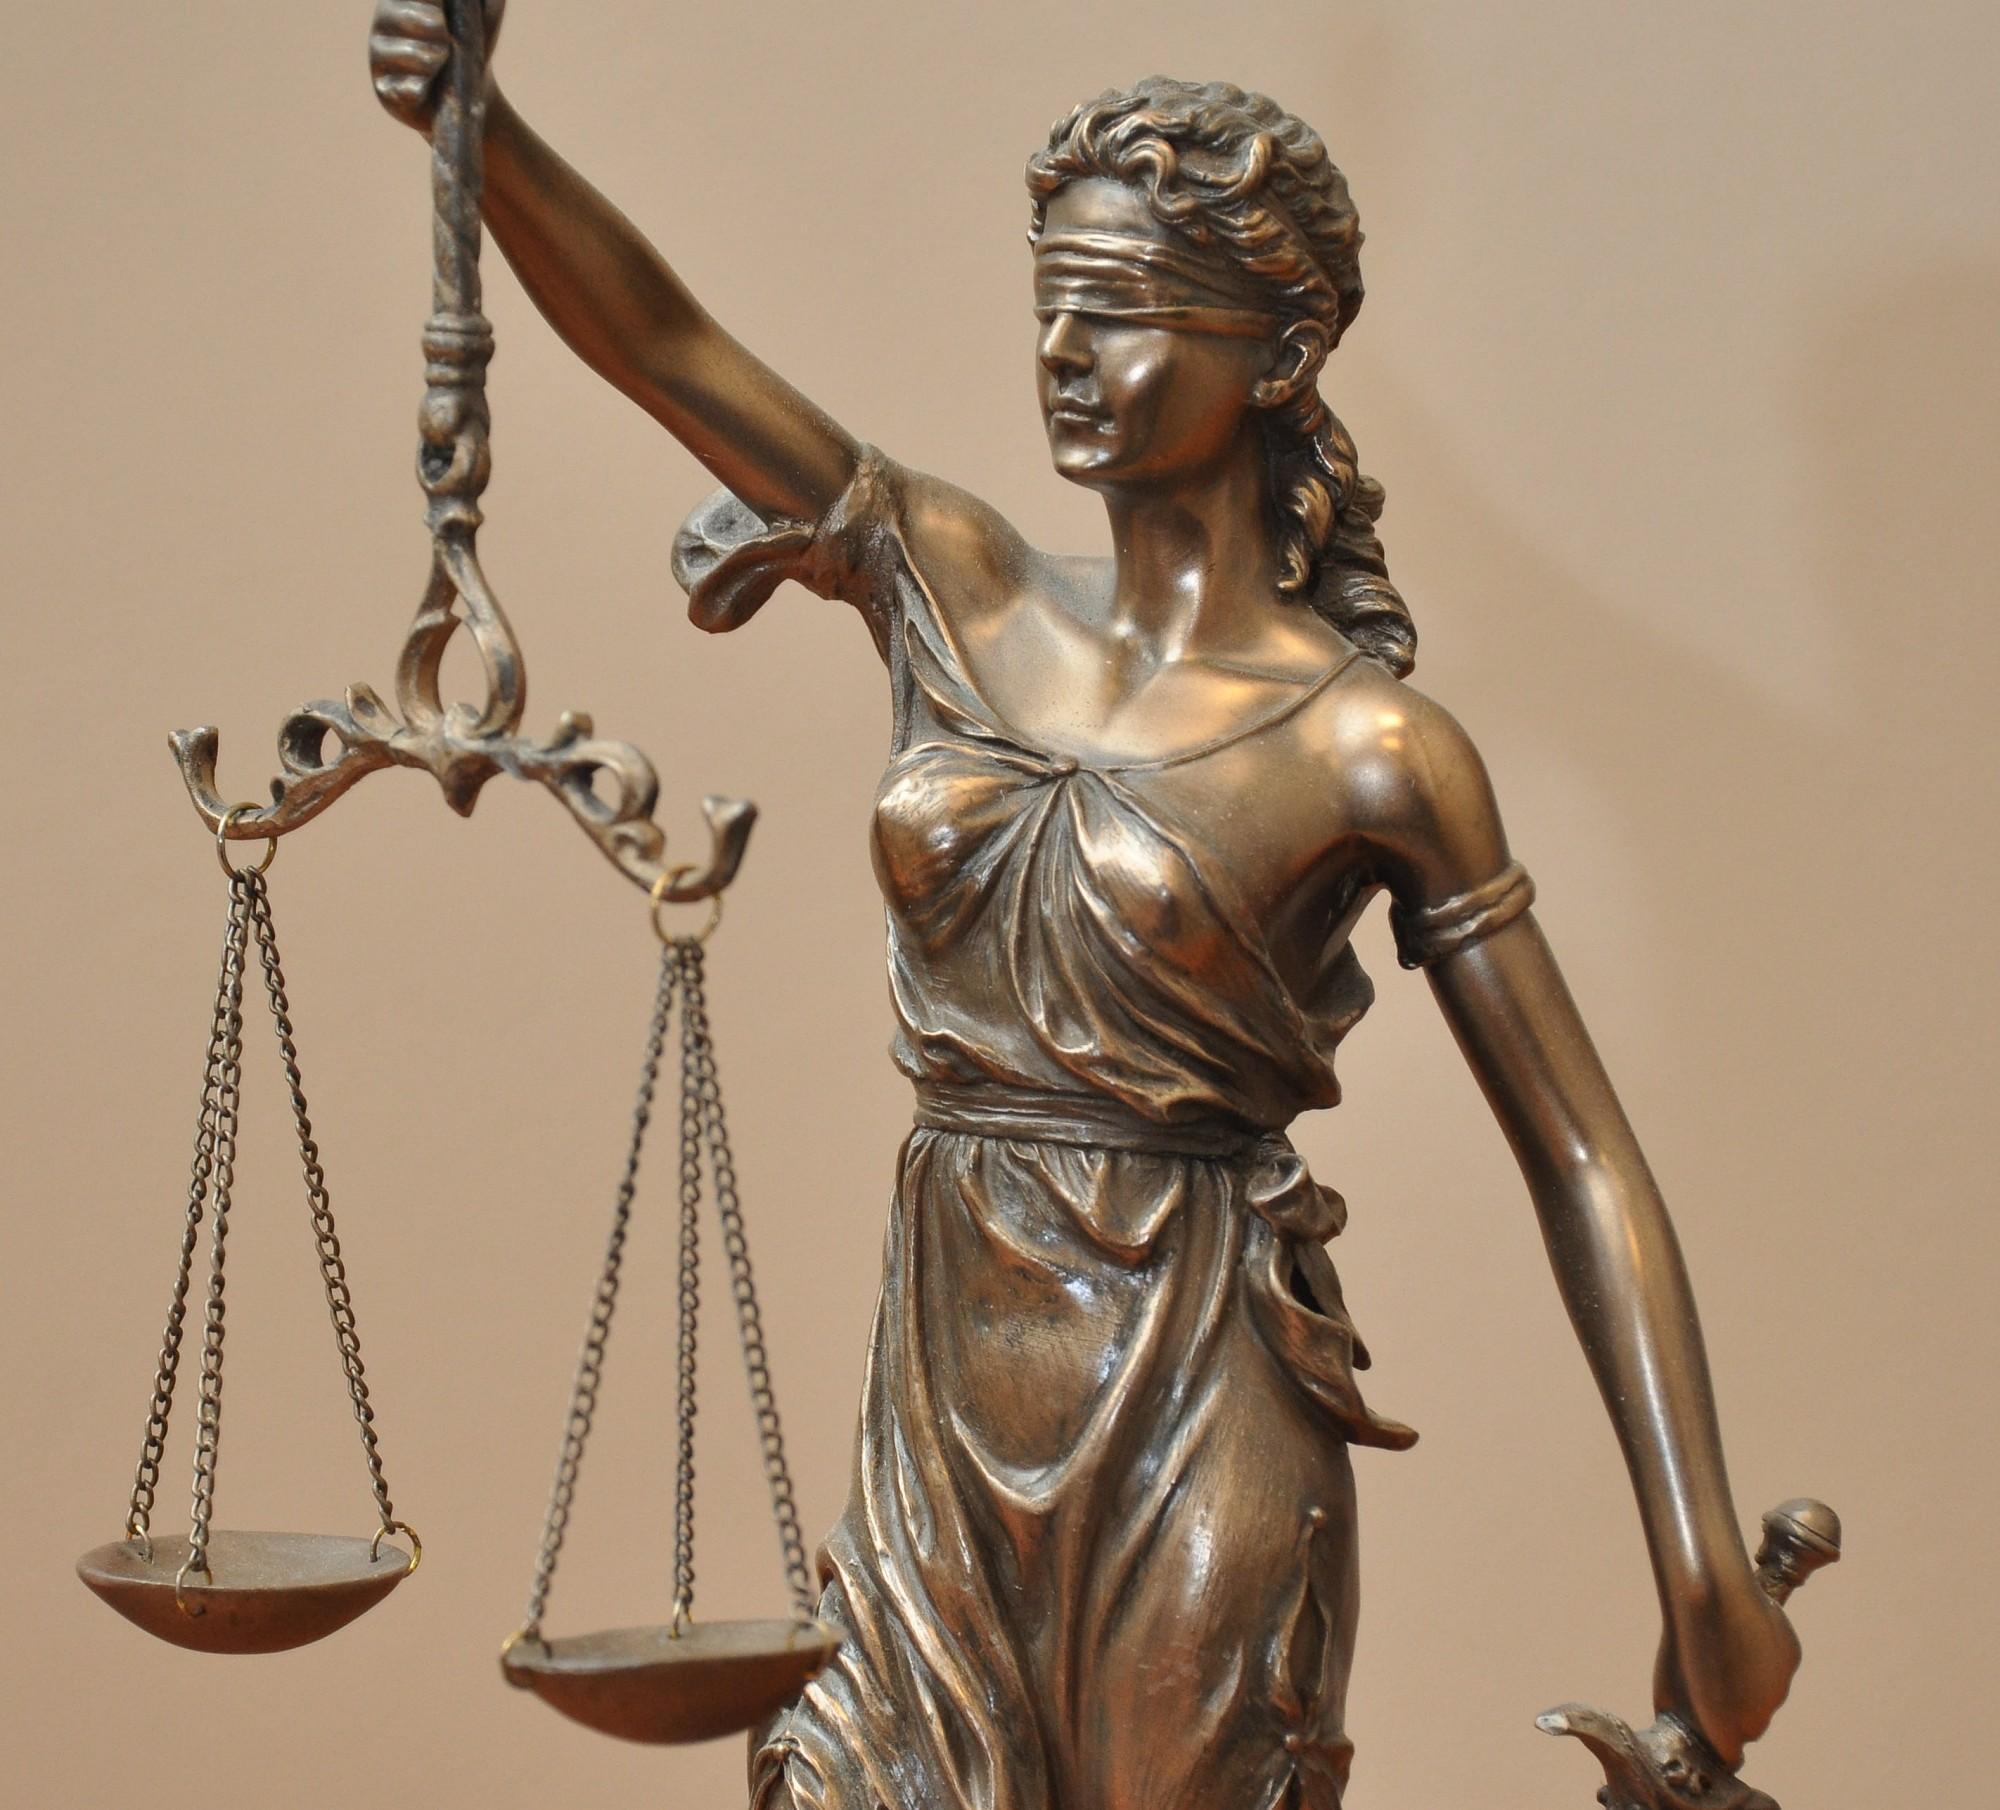 Liepājaspedofilu lietā Senāts atceļ spriedumu daļā par piemēroto sodu tā nepamatotas pastiprināšanas dēļ